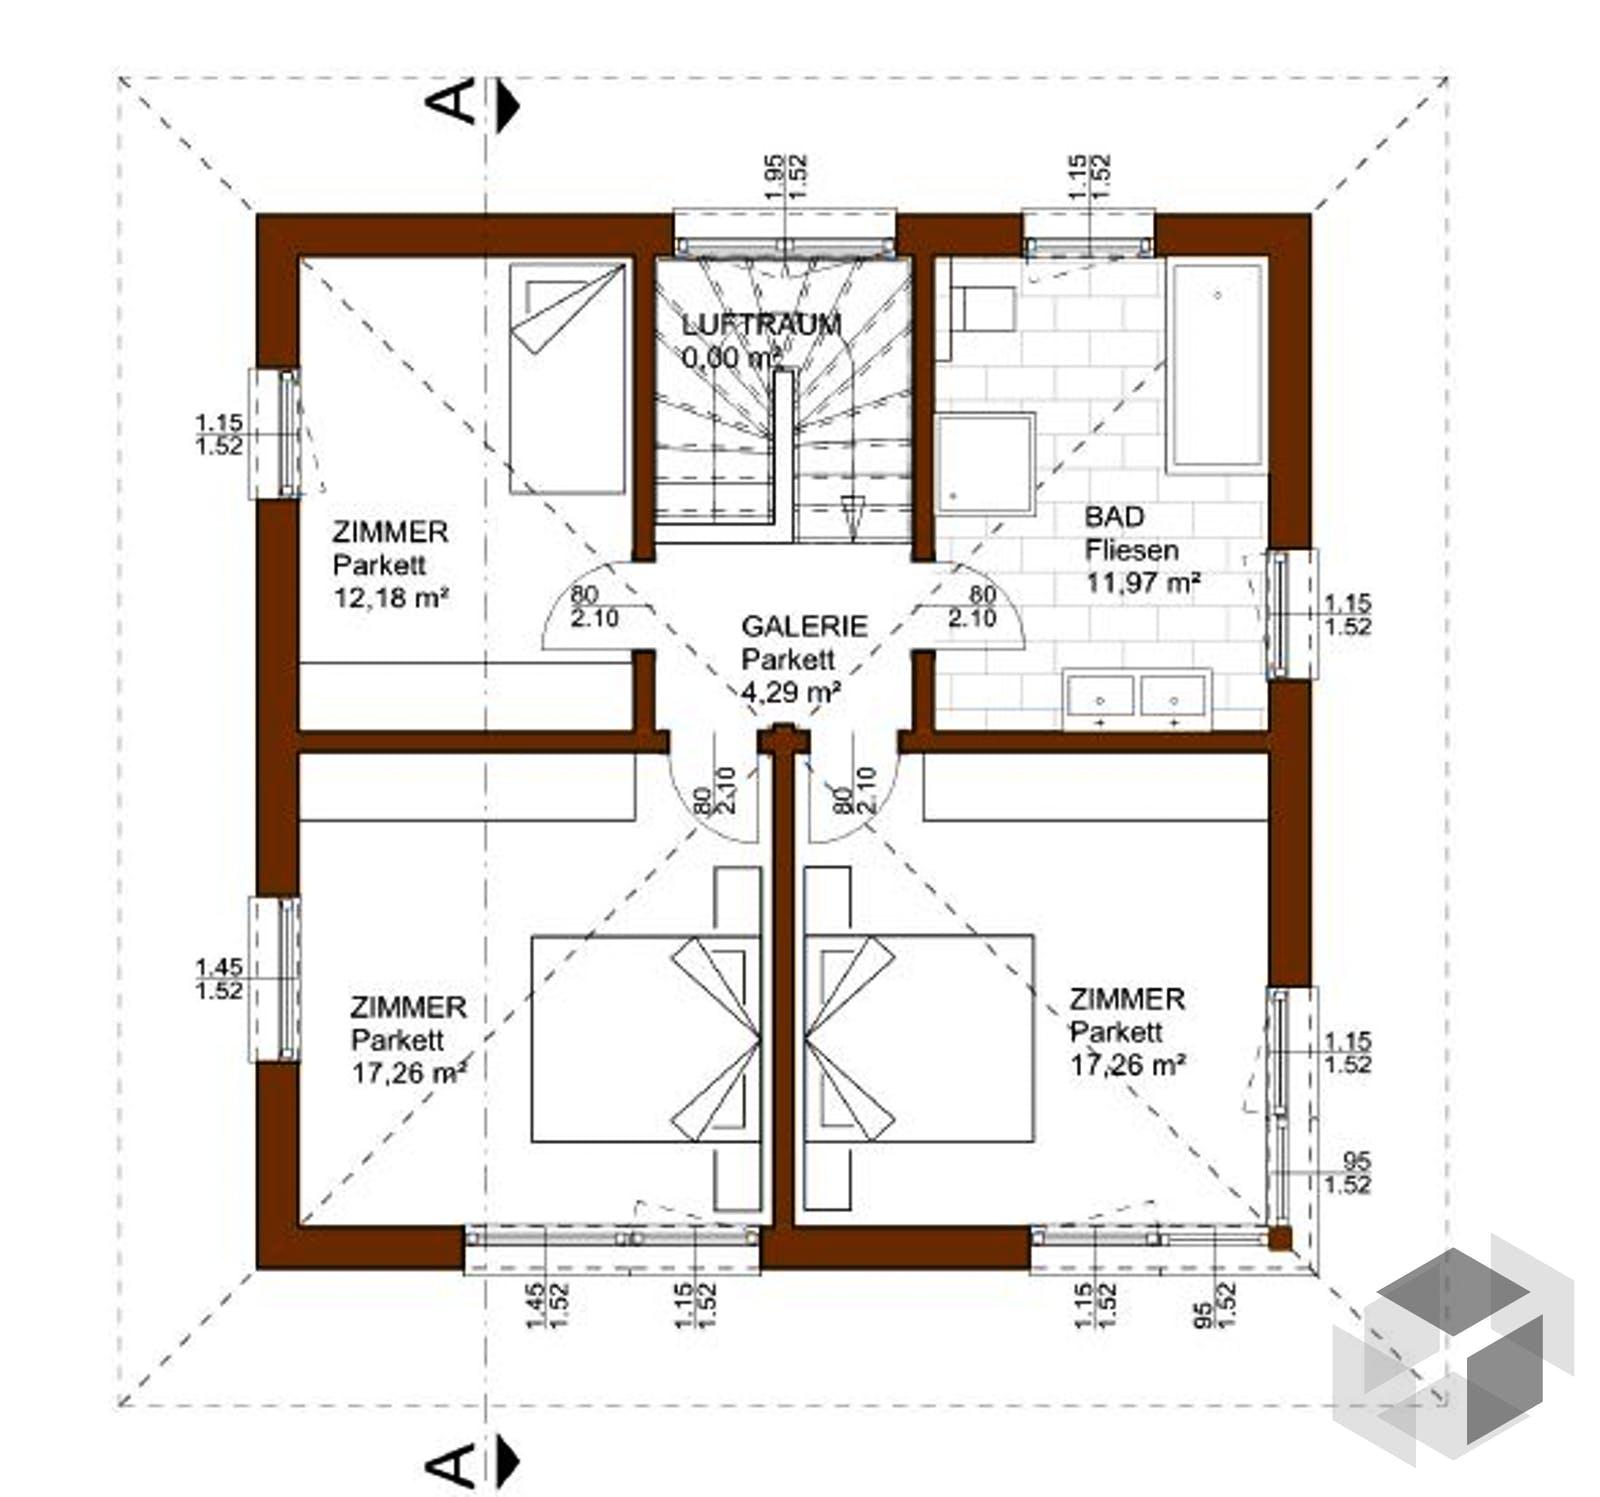 prestige 129 von rubner haus komplette daten bersicht. Black Bedroom Furniture Sets. Home Design Ideas